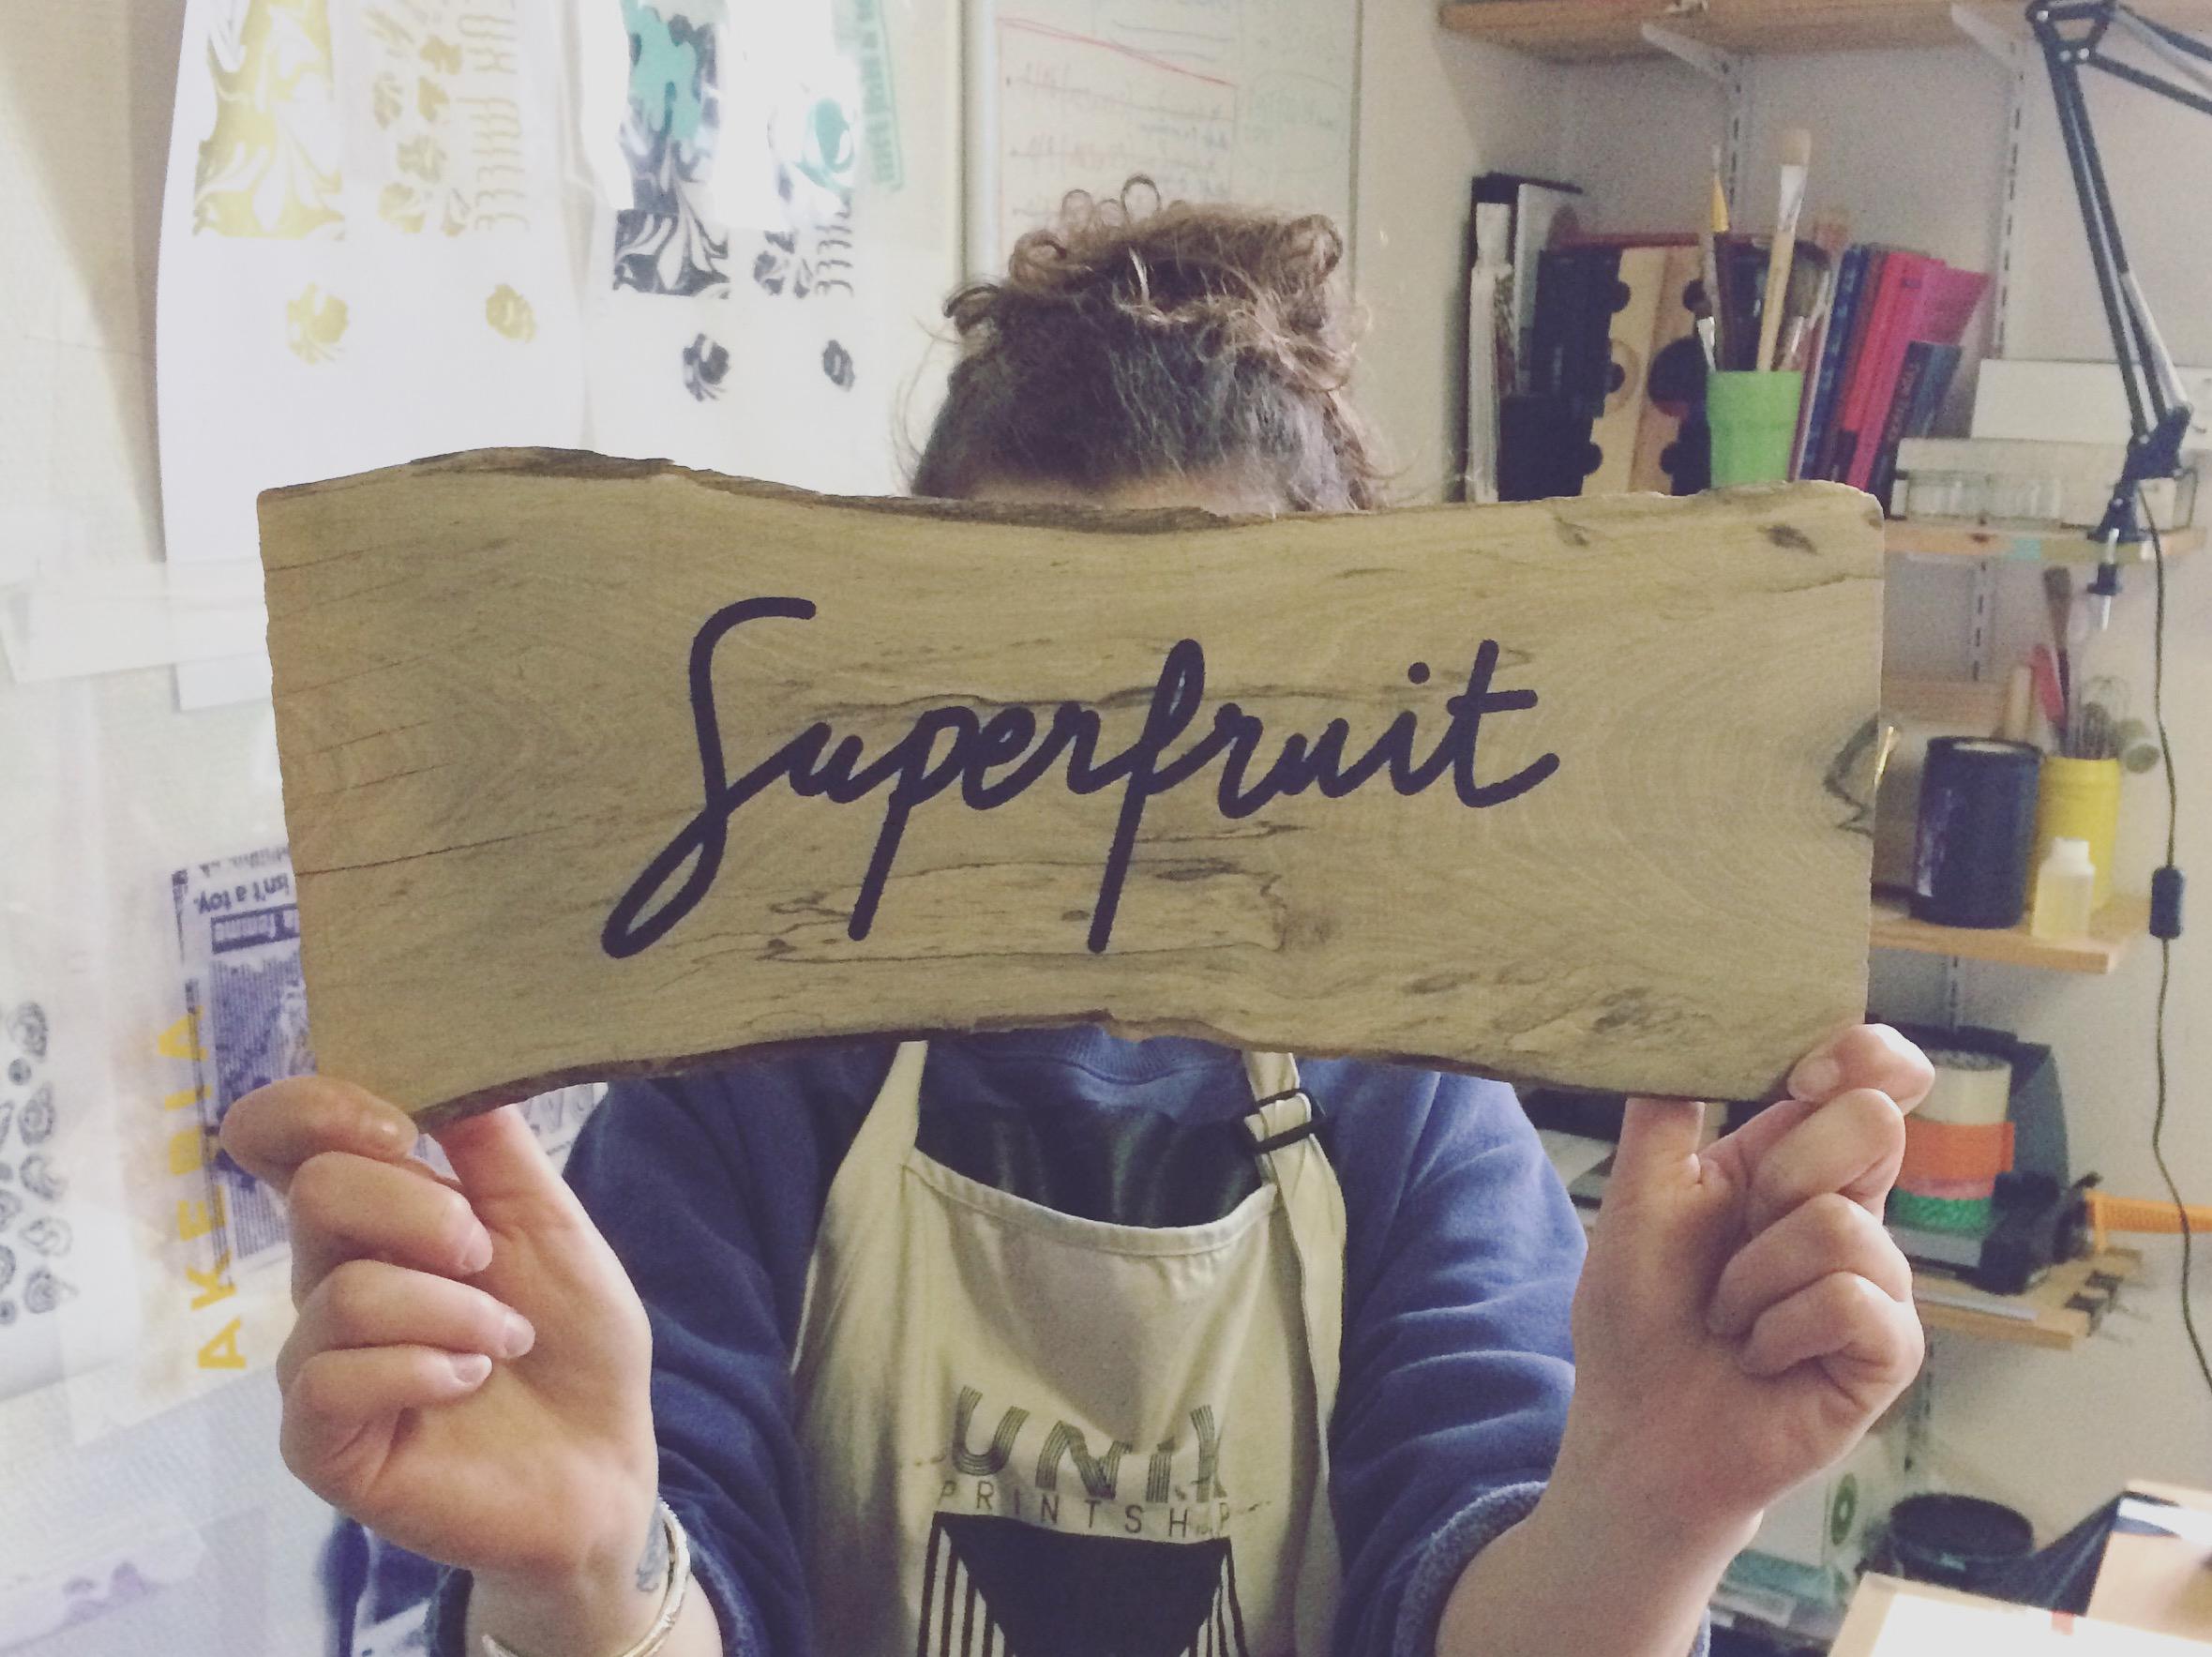 Thumbnail du blog, impression en sérigraphie du logo Superfruit sur une planche de bois